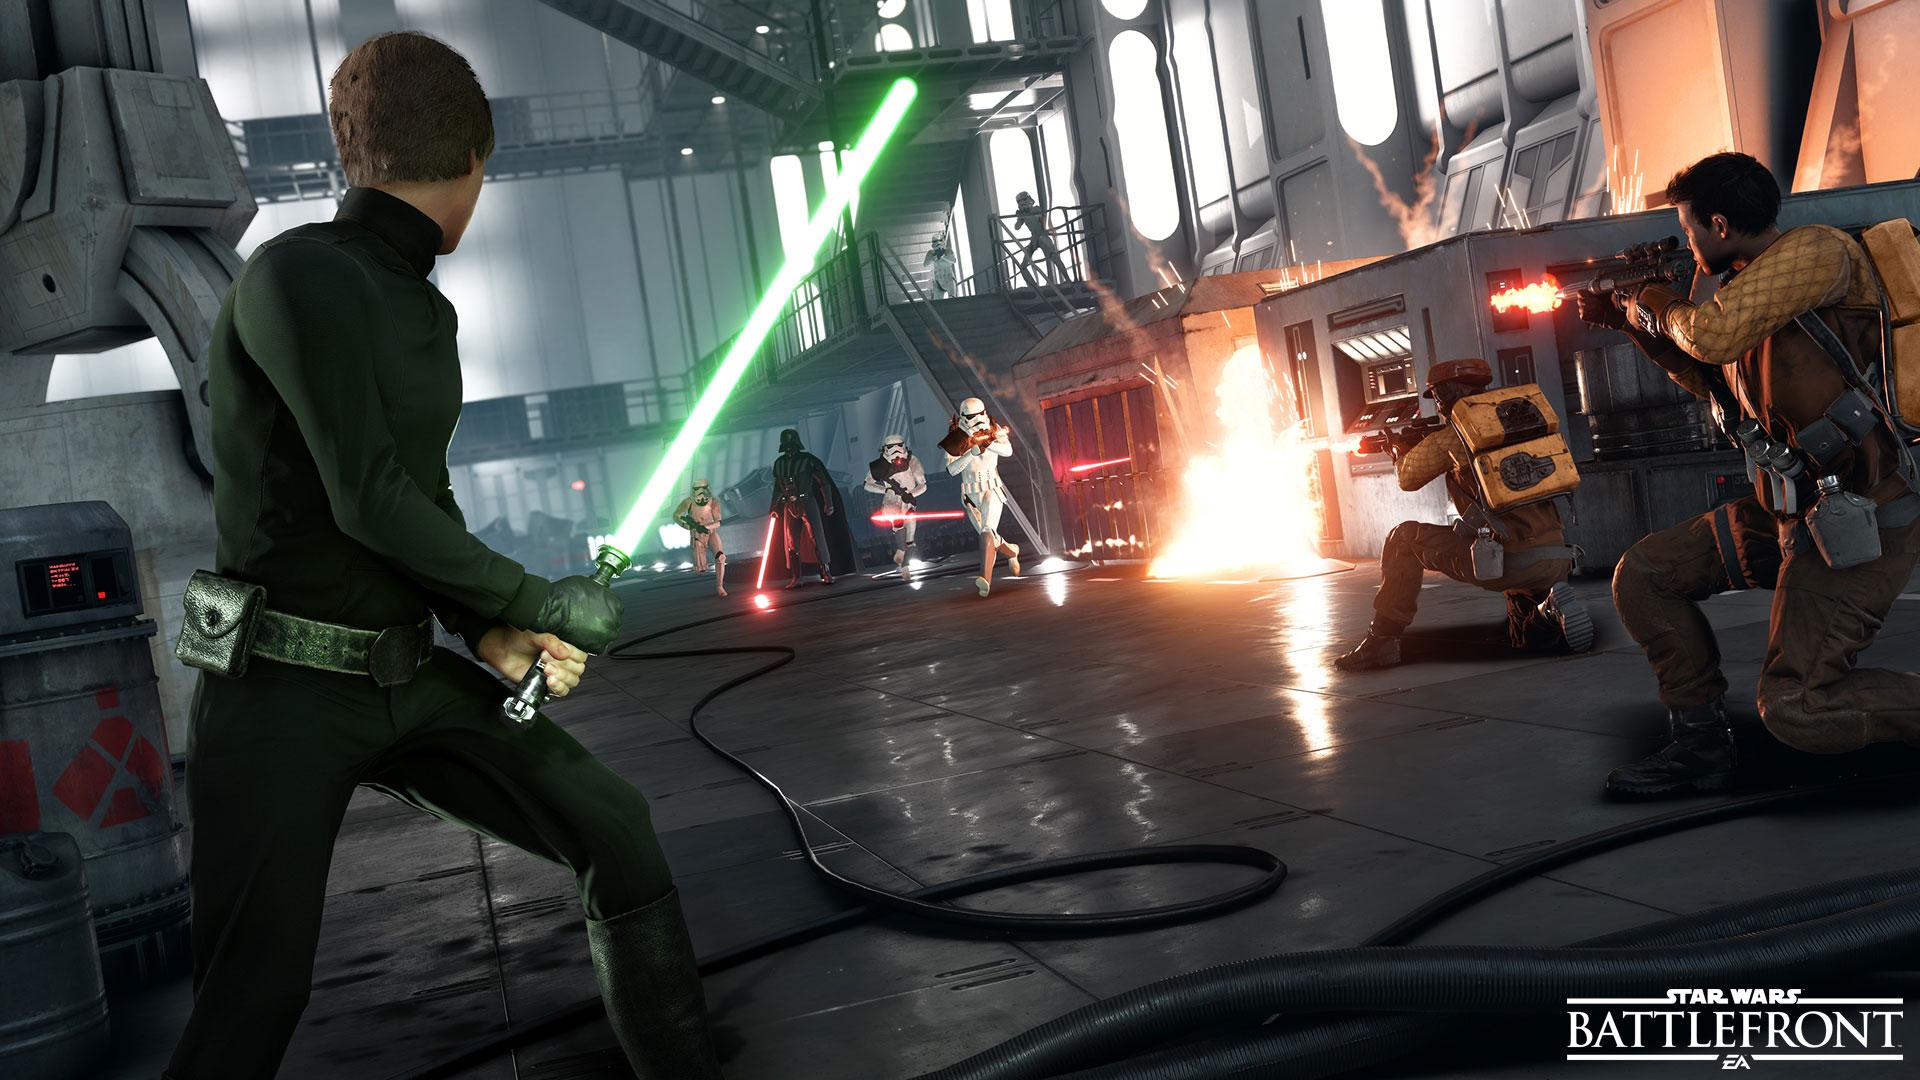 Ve Star Wars: Battlefront se opravdu objeví Han Solo, Leia Organa a císař Palpatine 115259